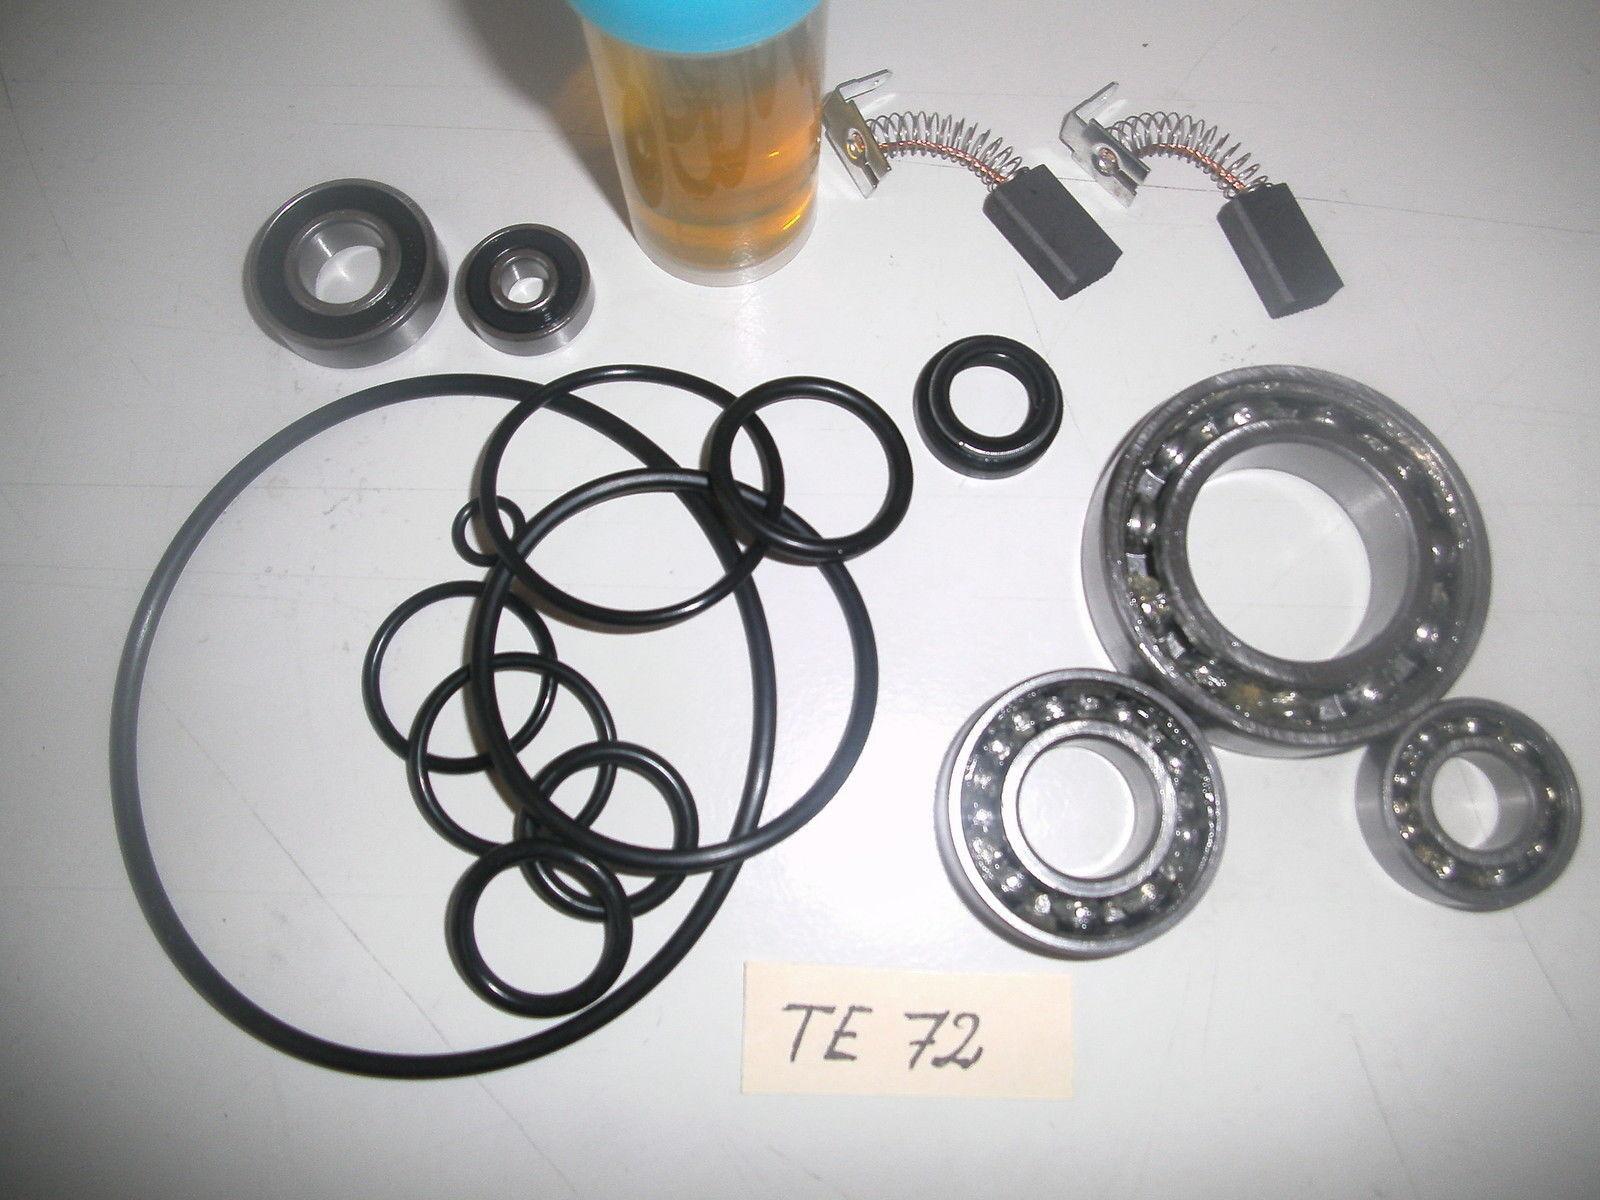 Hilti TE 72 , Reparatursatz, Verschleissteilesatz, Wartungset